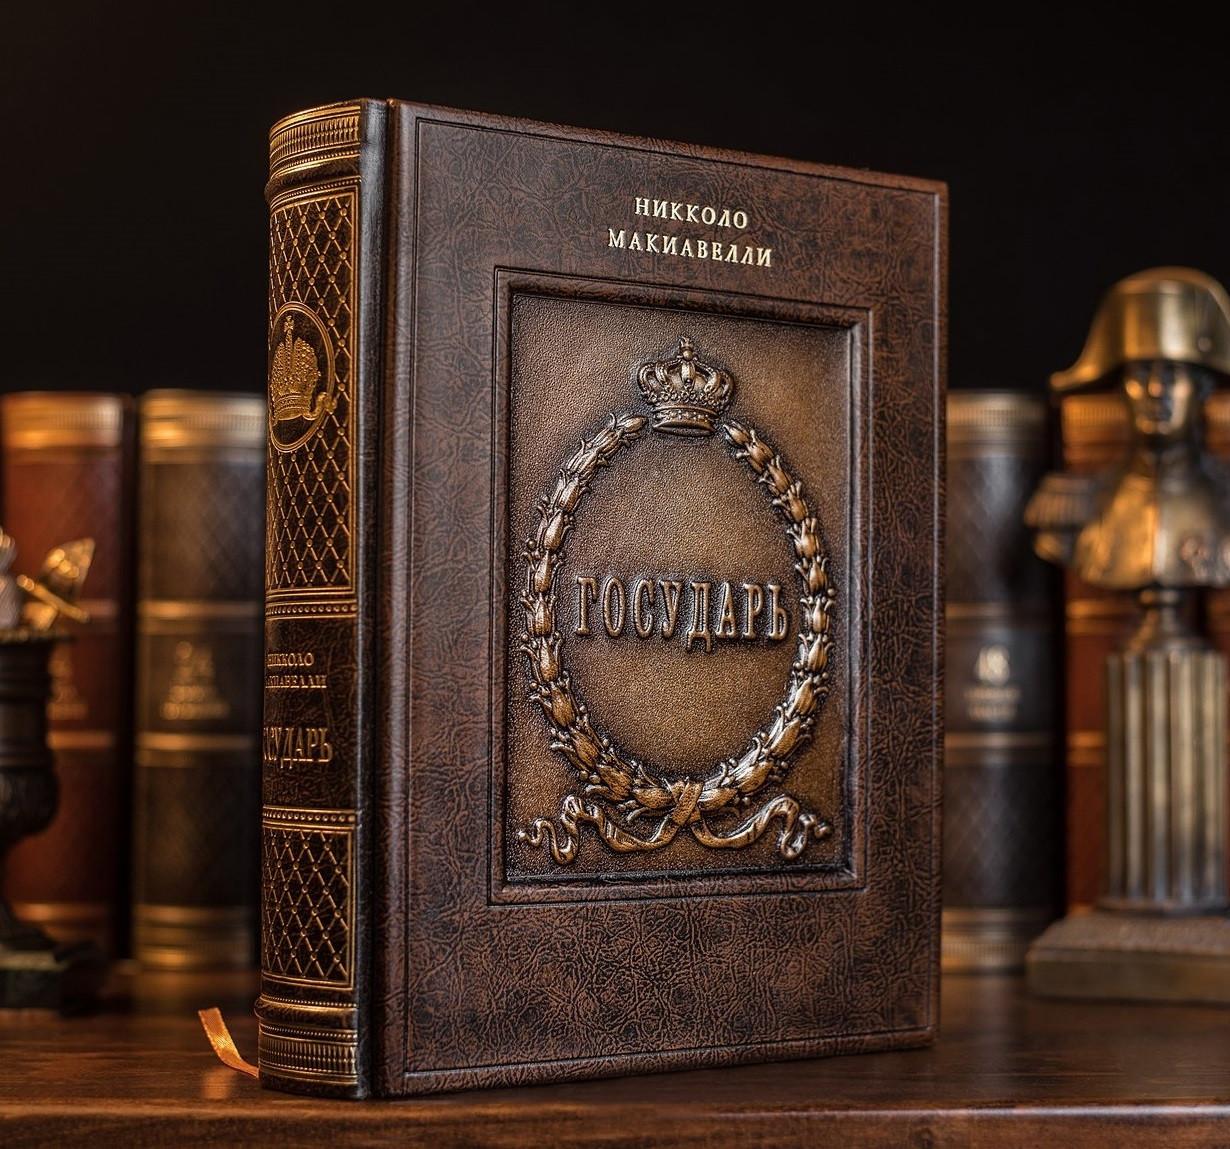 """Книга в кожаном переплете и подарочной упаковке """"Государь"""" Никколо Макиавелли"""